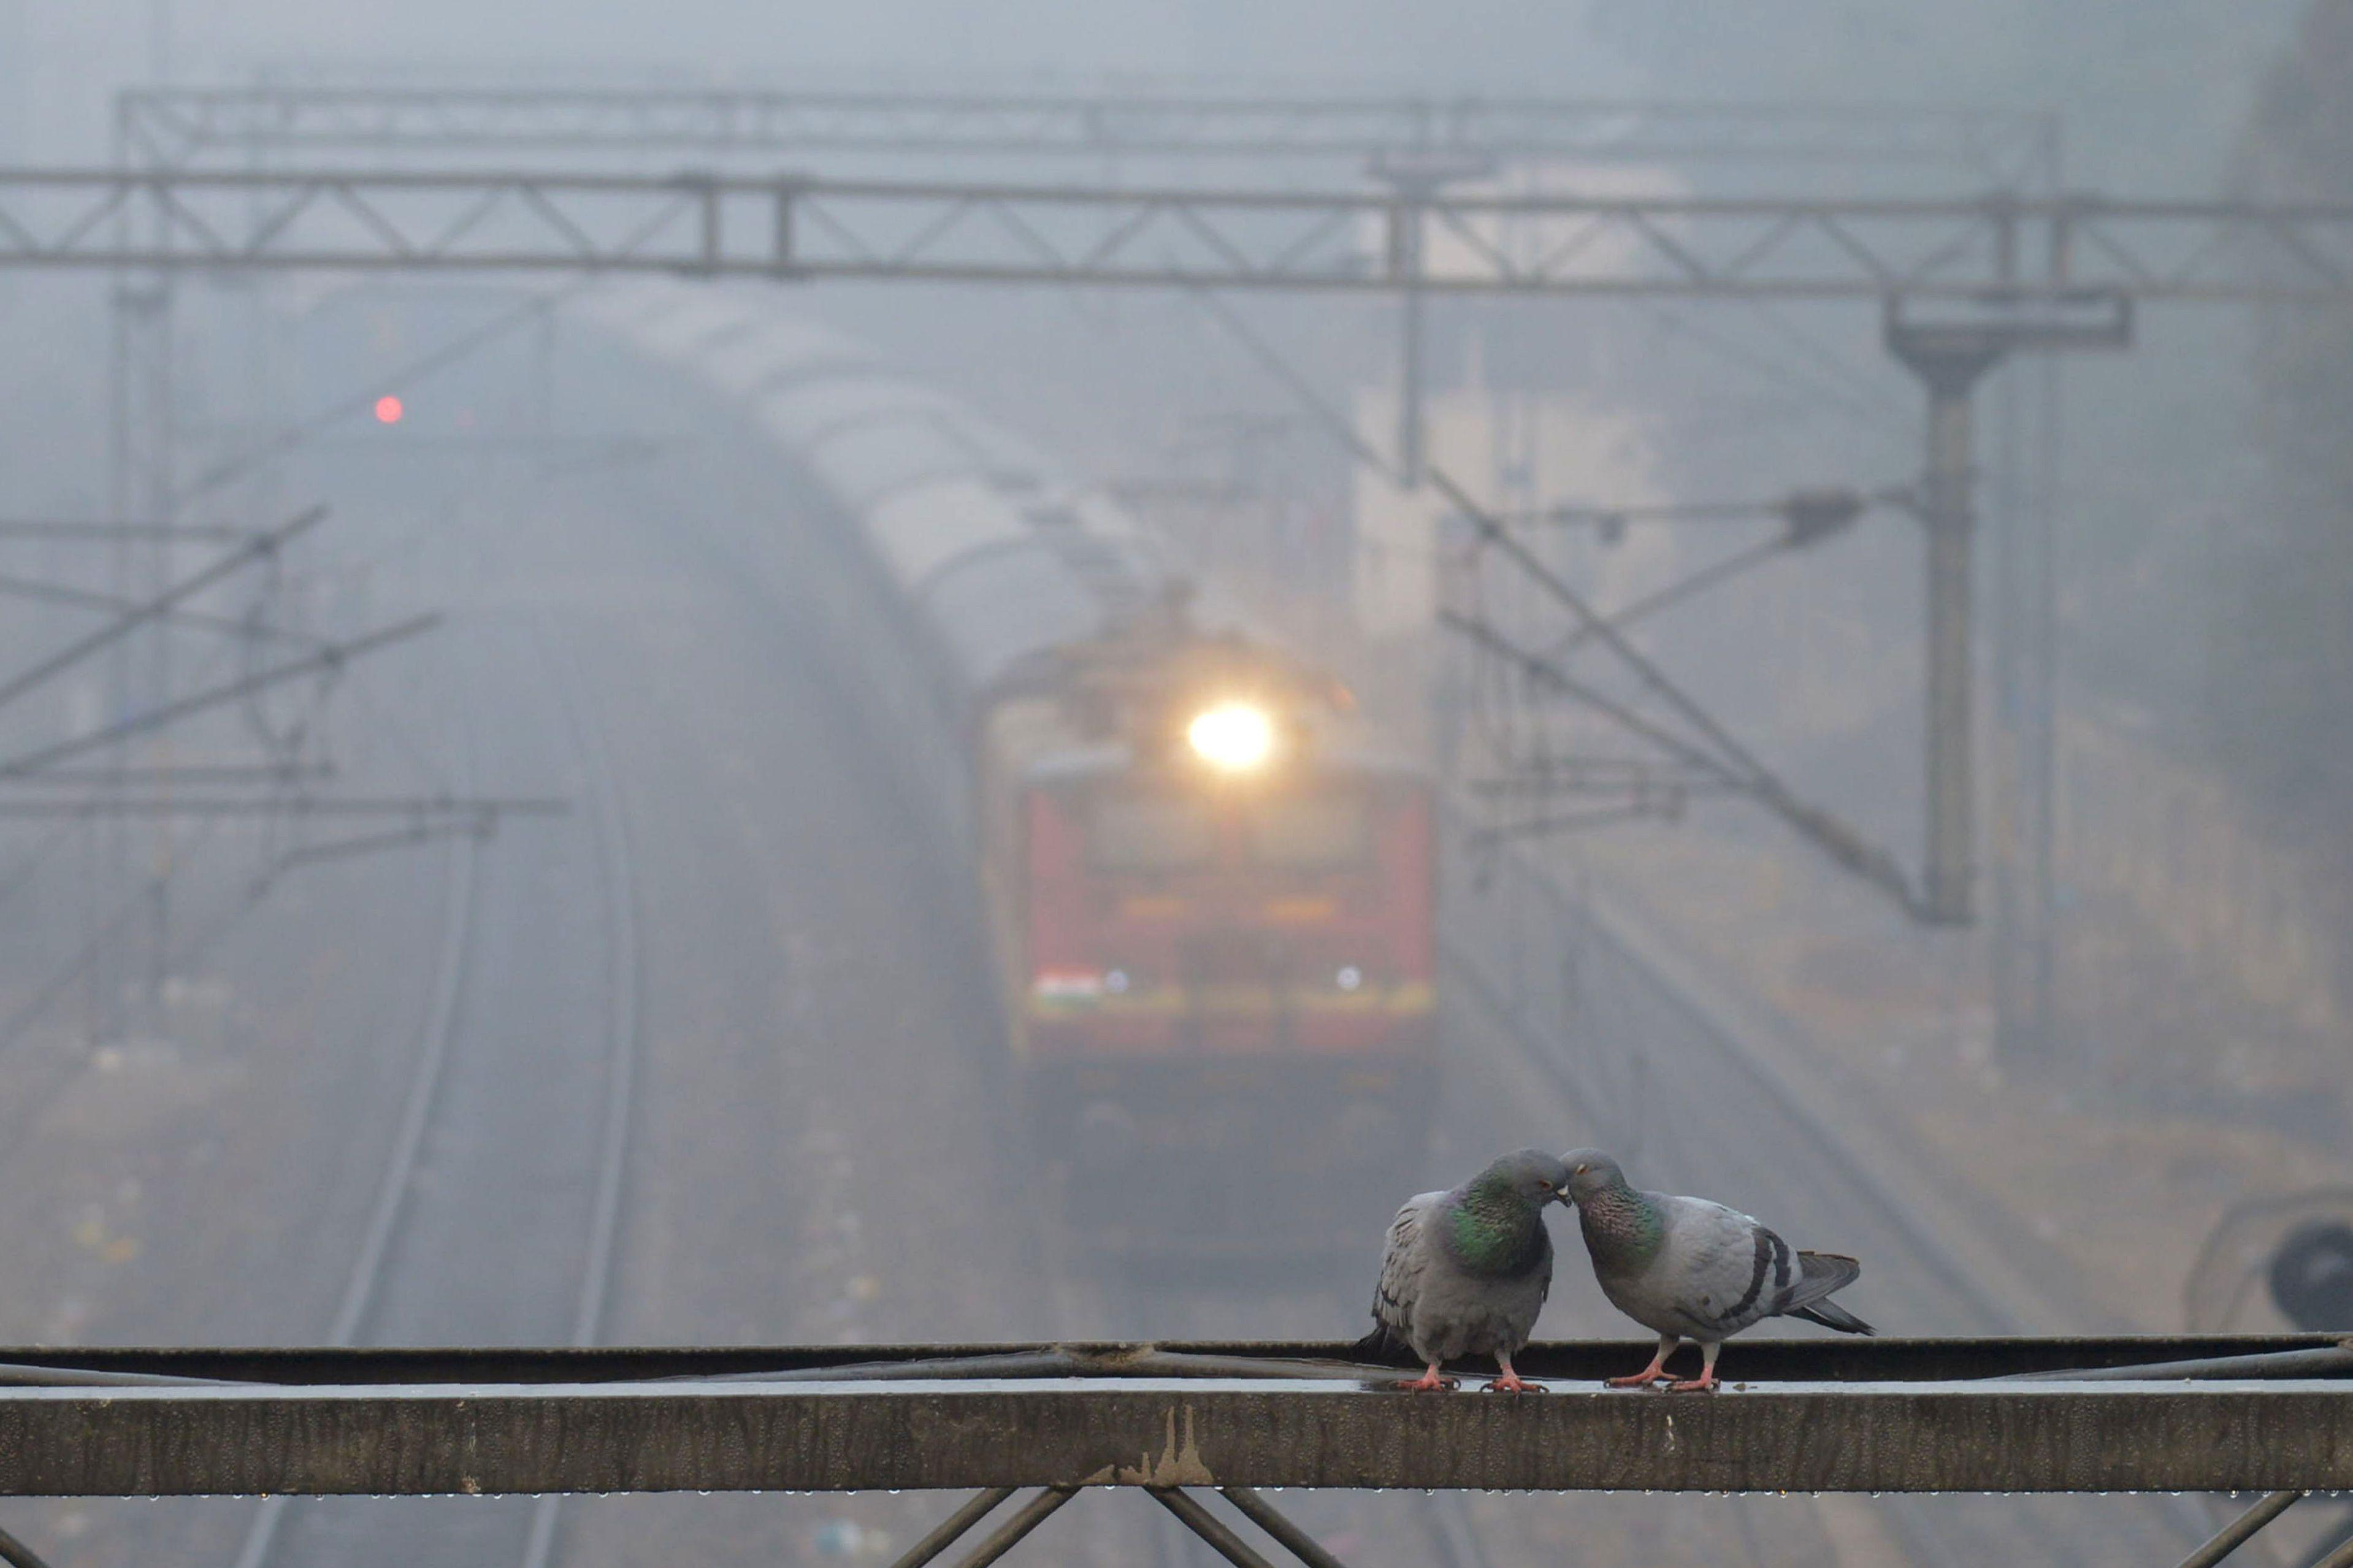 الضباب يجتاح مدن الهند